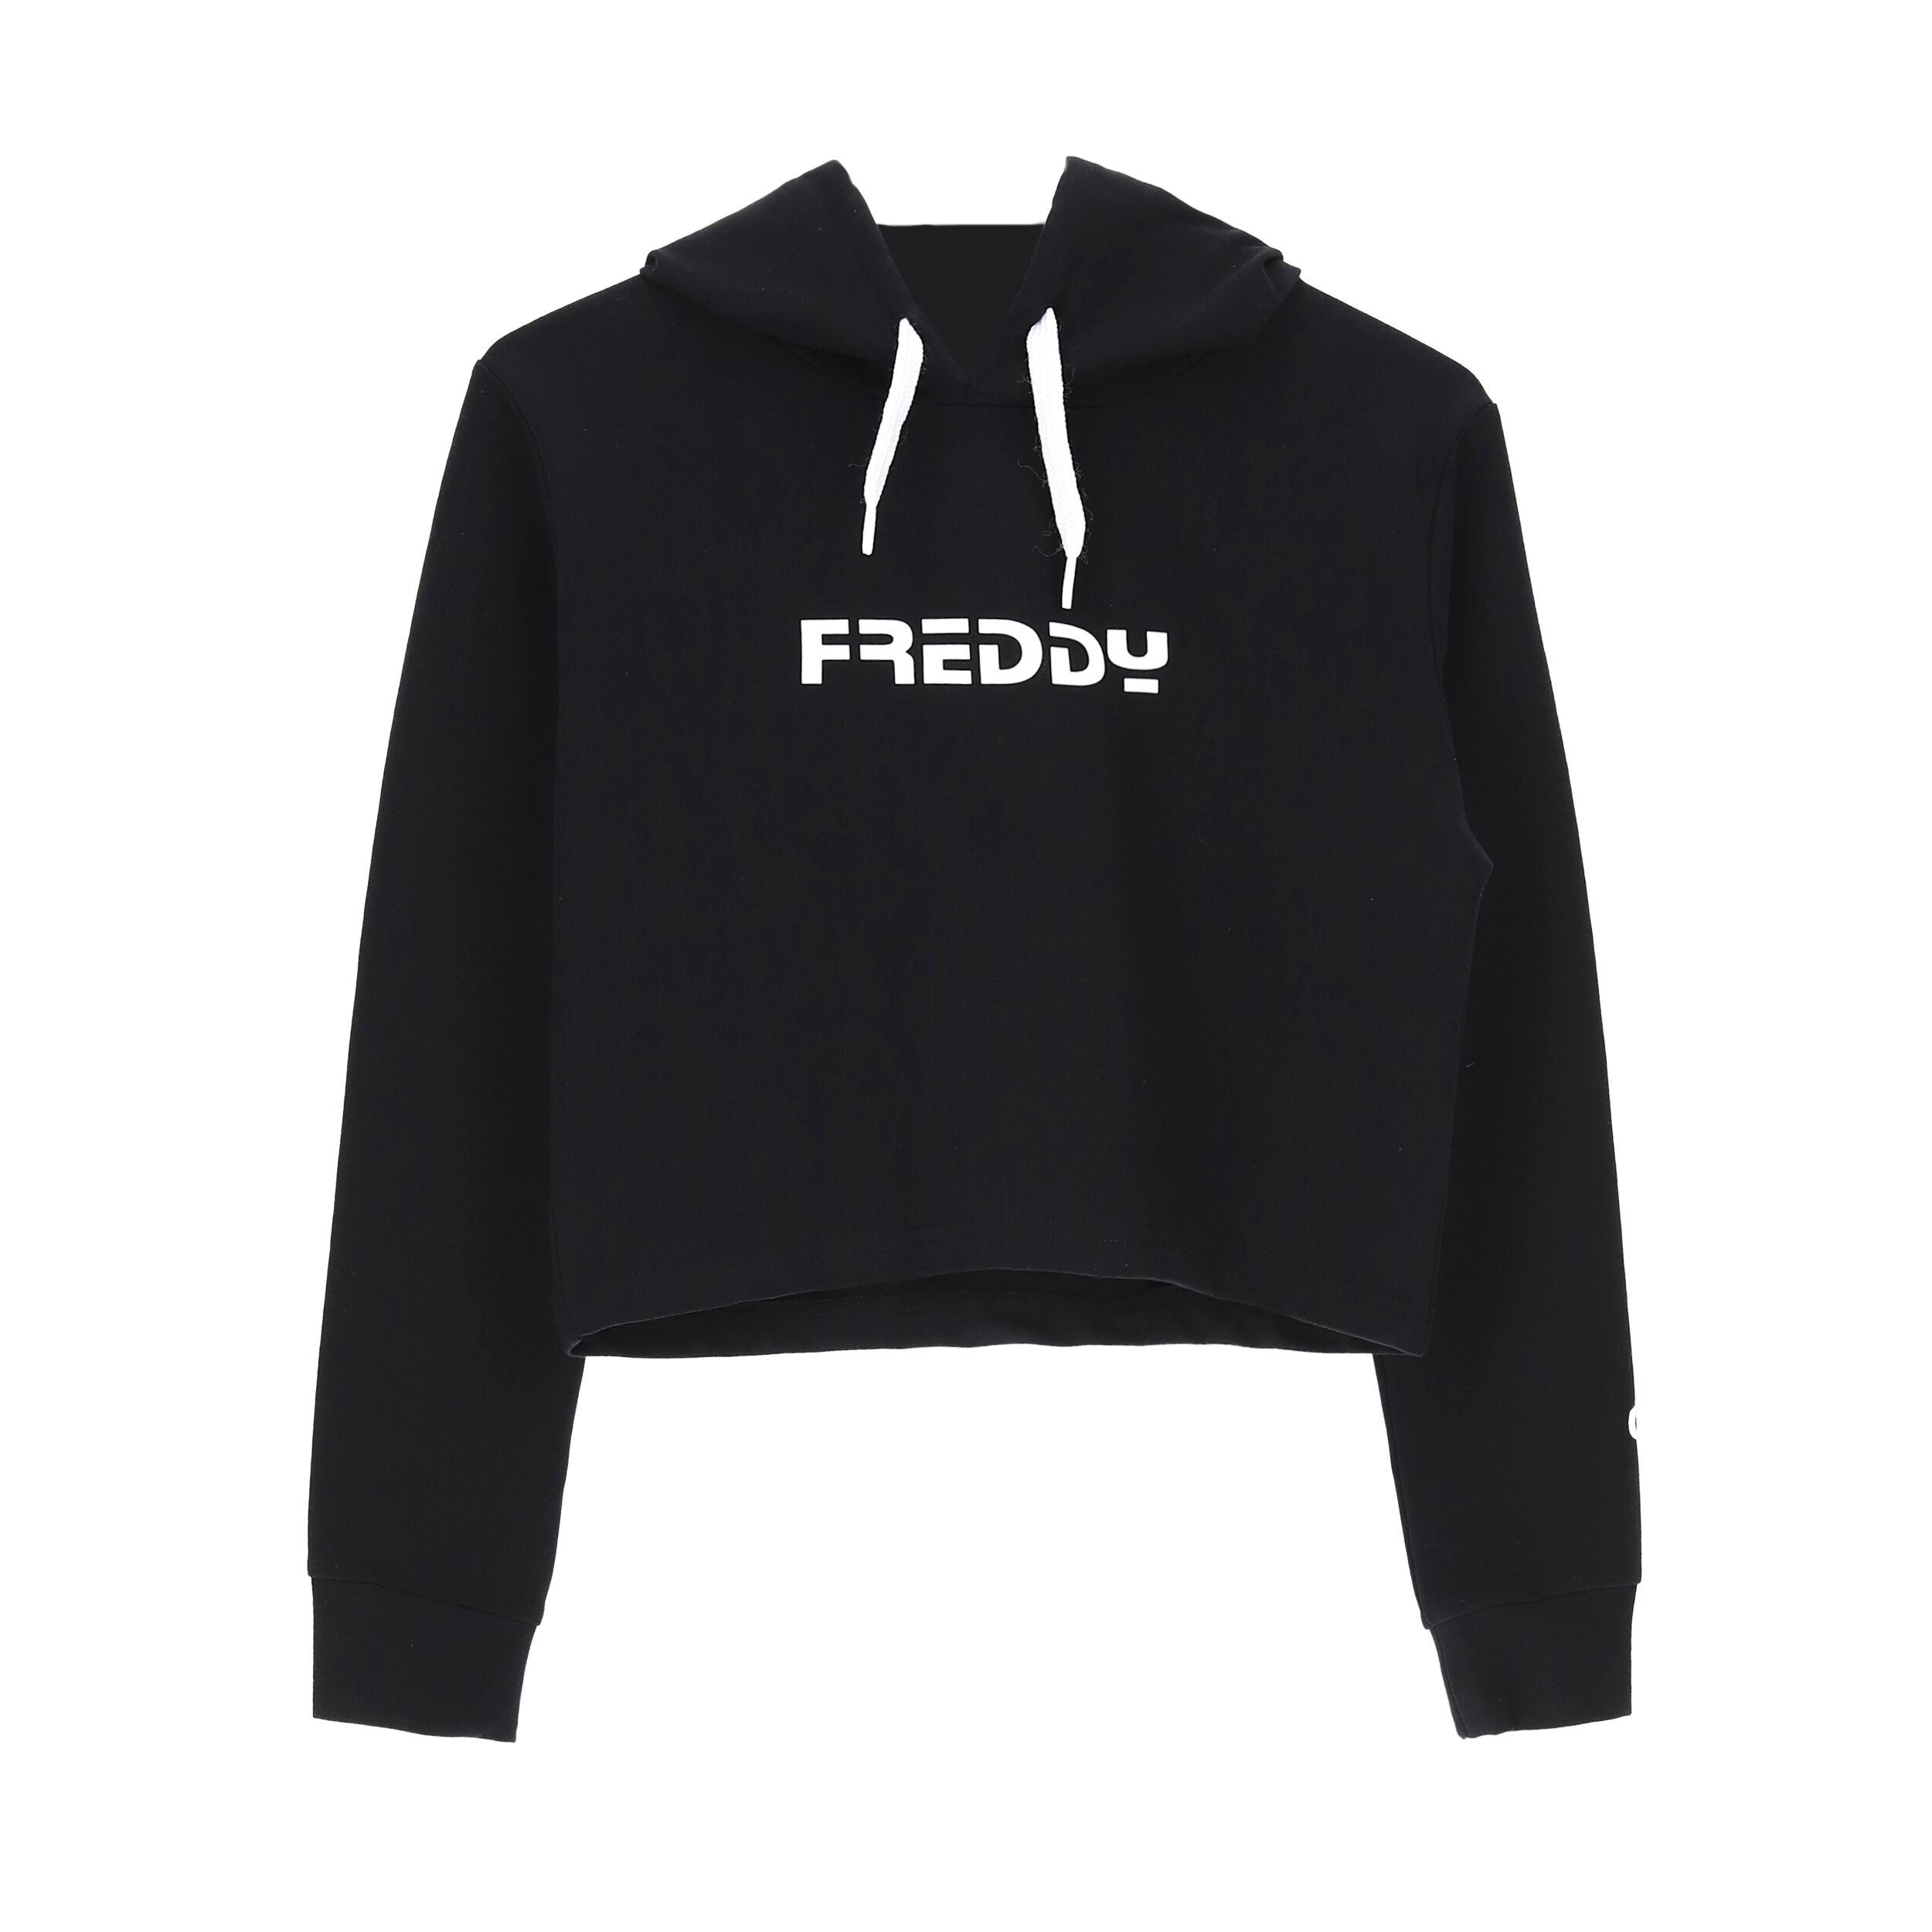 Freddy Maglia cropped con cappuccio e manica lunga - Bambina 6-8 anni Black